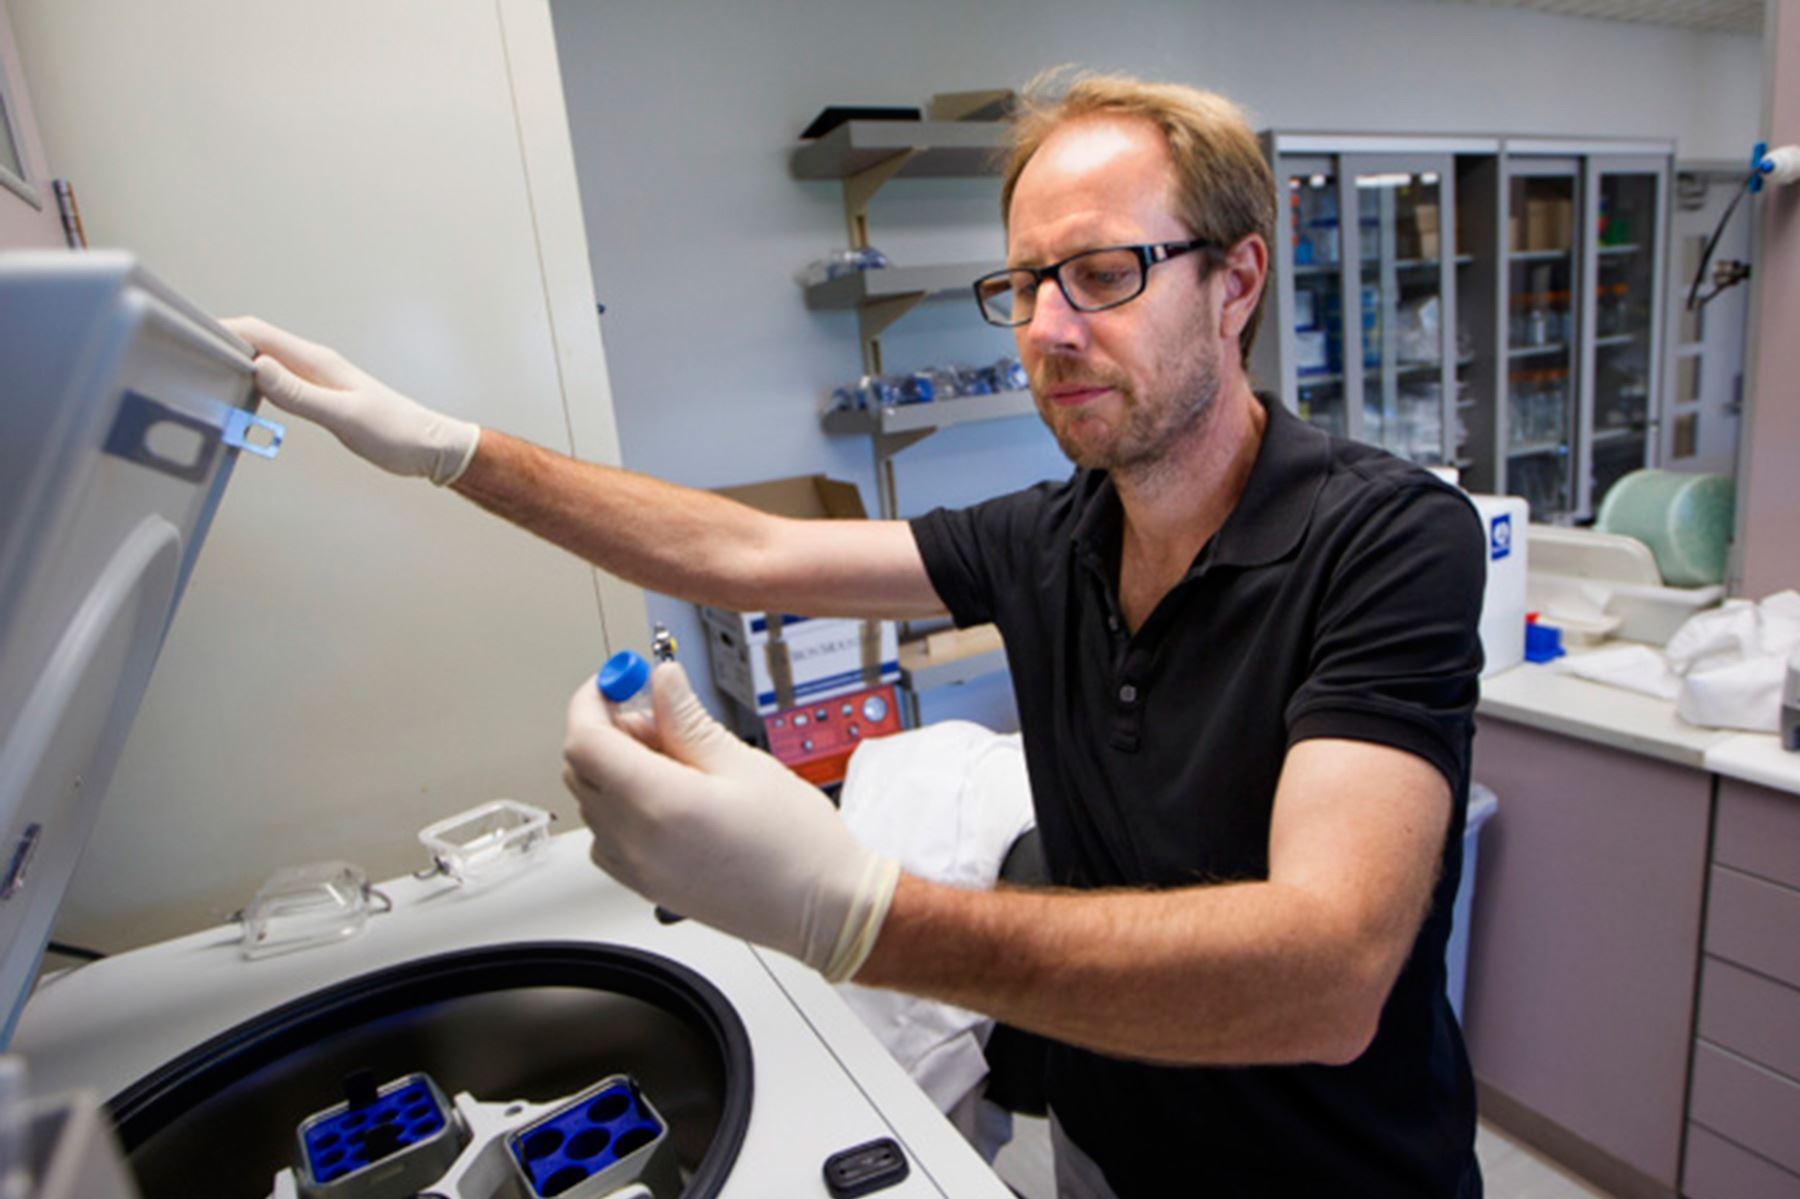 Tony Wyss-Coray, autor principal del estudio, que descubrió que los niveles de proteínas en la sangre pueden predecir la edad de una persona. Foto: Norbert von der Groeben / Stanford Medicine.